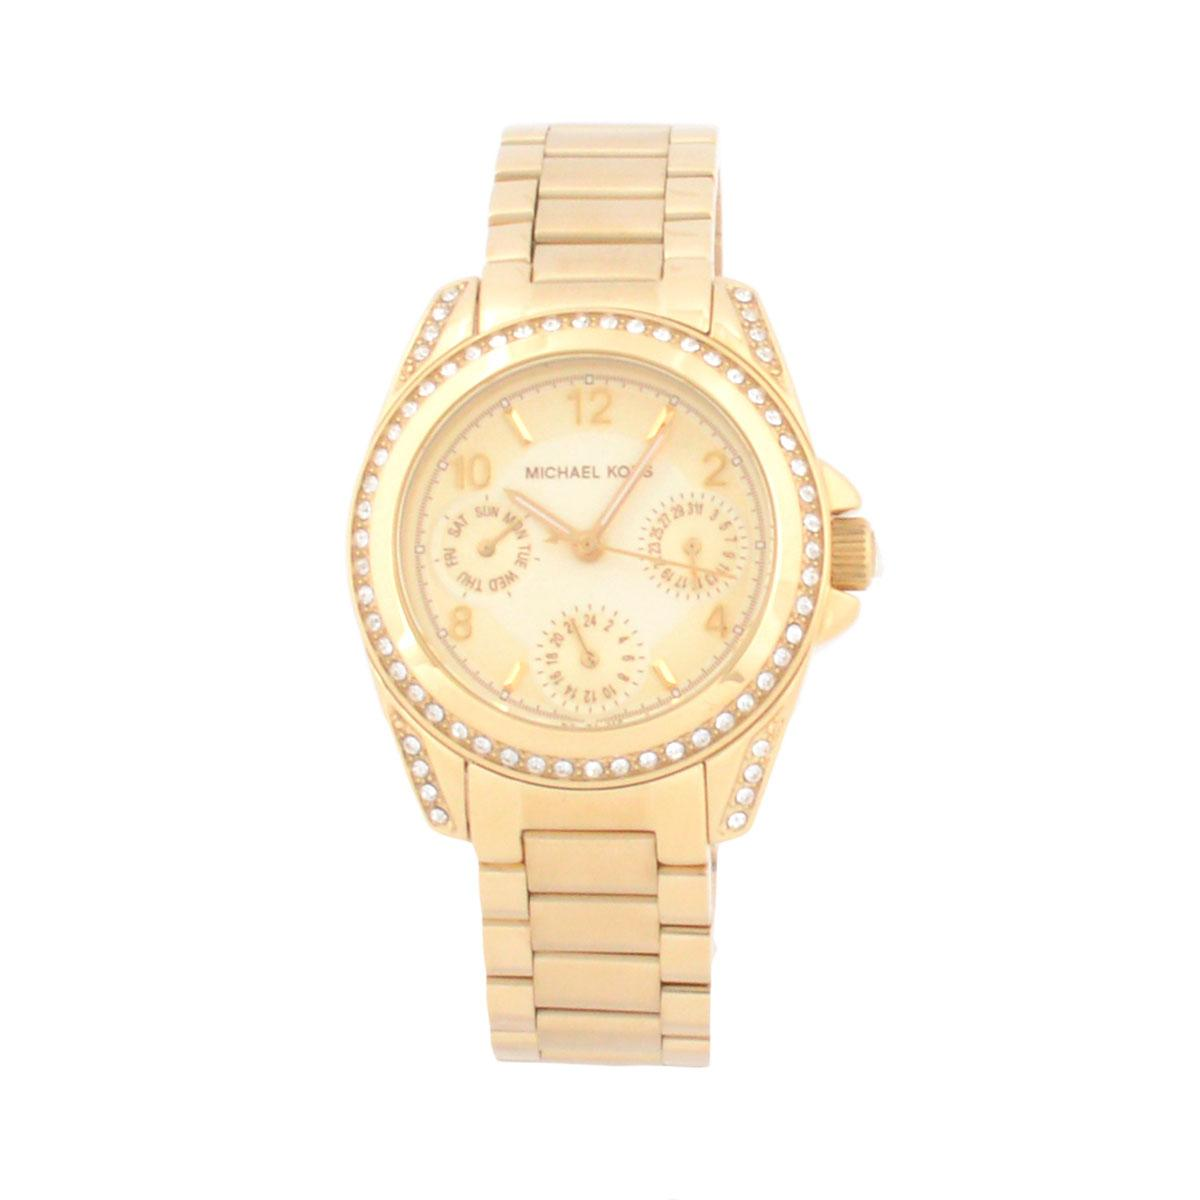 専門店では マイケルコース 腕時計 レディース MICHAEL KORS MK5639, カバー専門エール公式ショップ 65f5b442